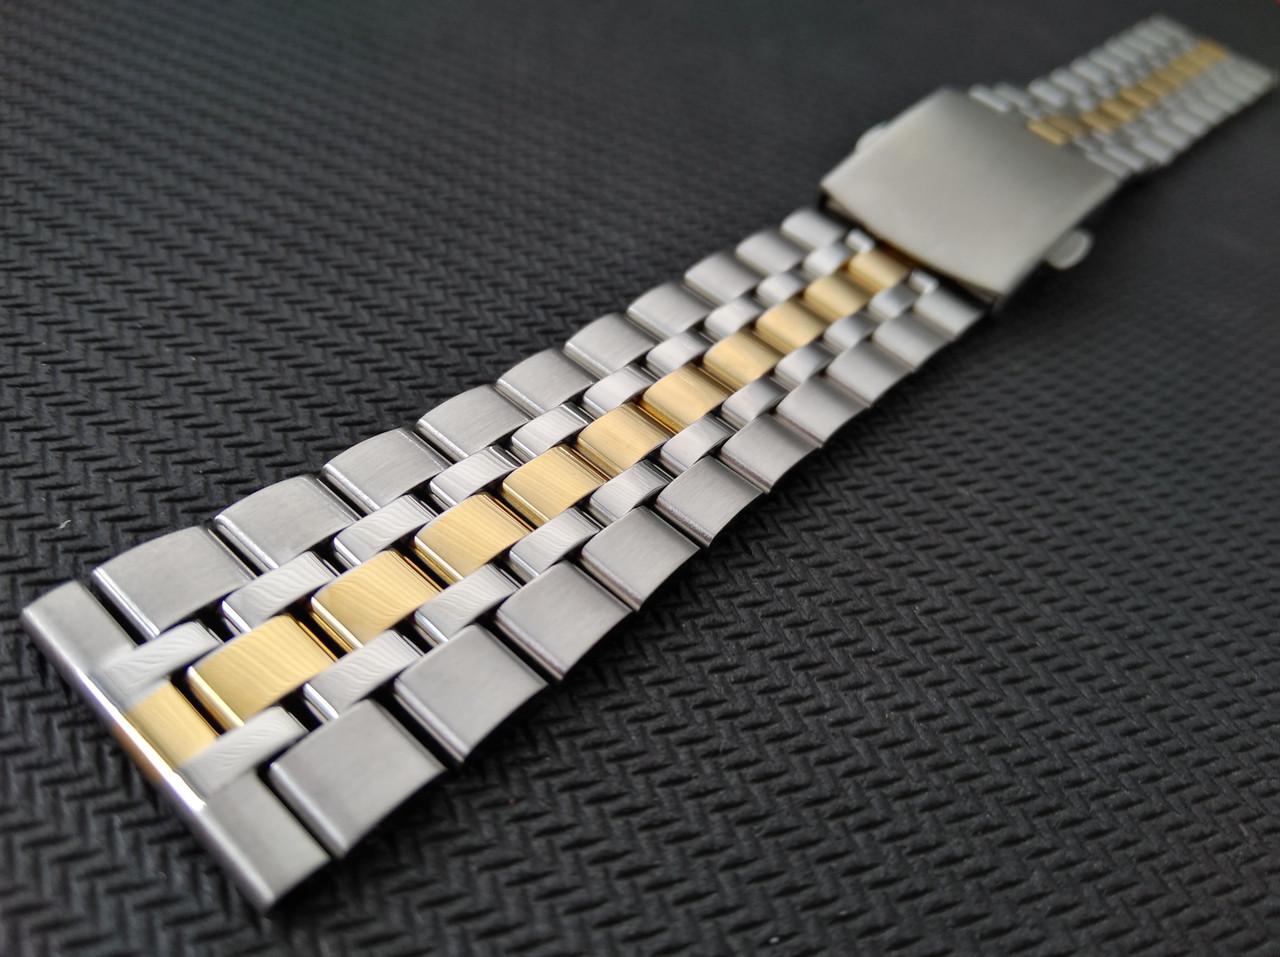 Браслет для часов из нержавеющей стали 316L, литой, глянец/мат с позолотой. Комбинированный. 20 мм